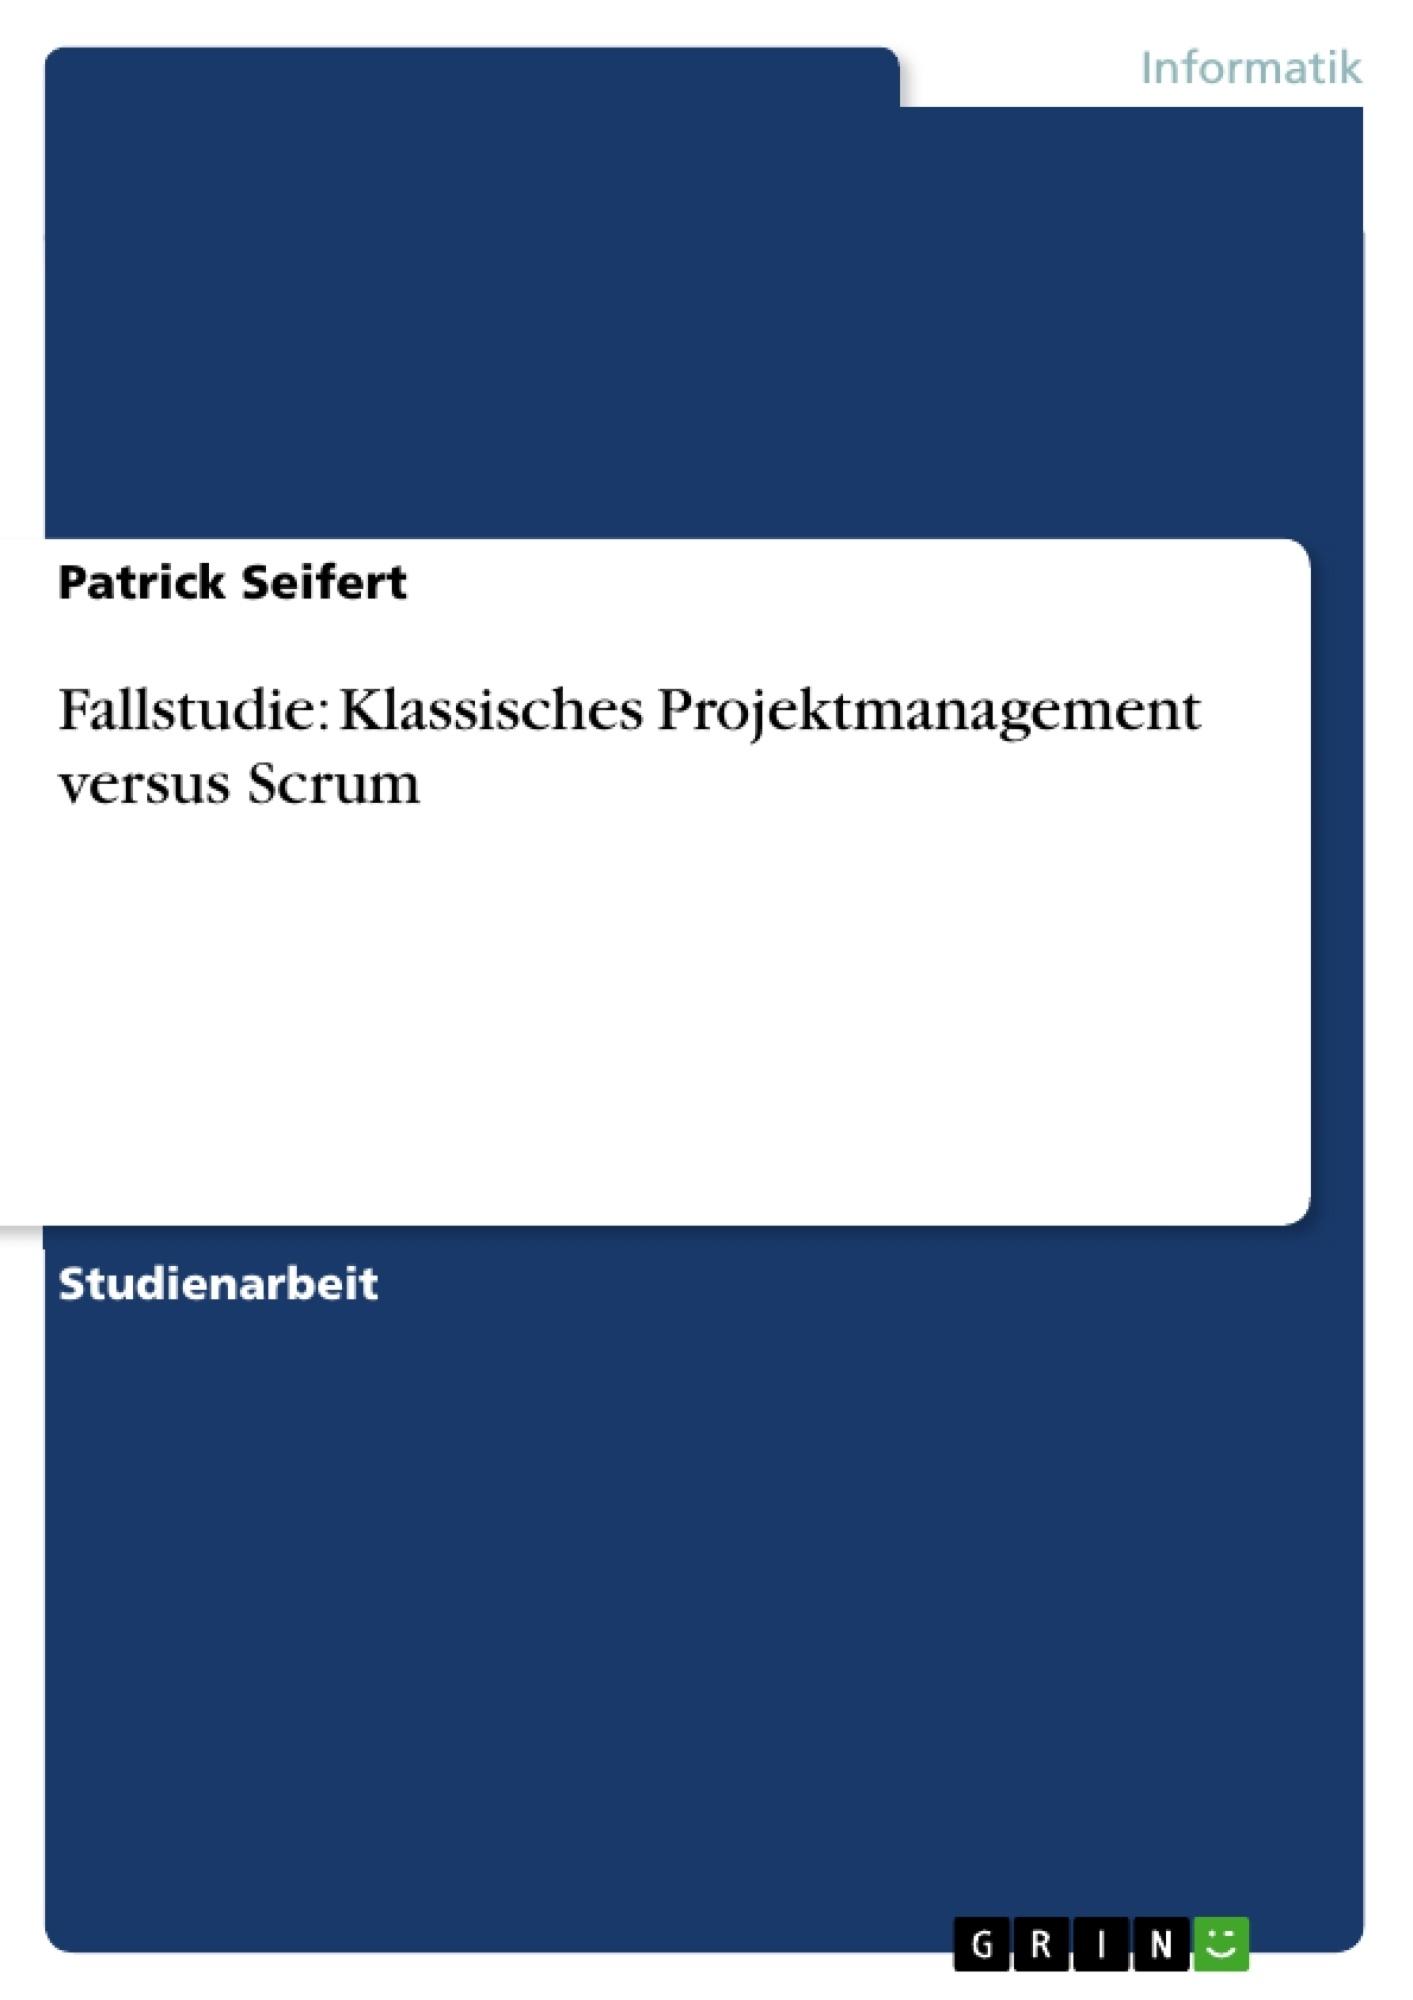 Fallstudie klassisches projektmanagement versus scrum for Hausarbeit klassisches projektmanagement